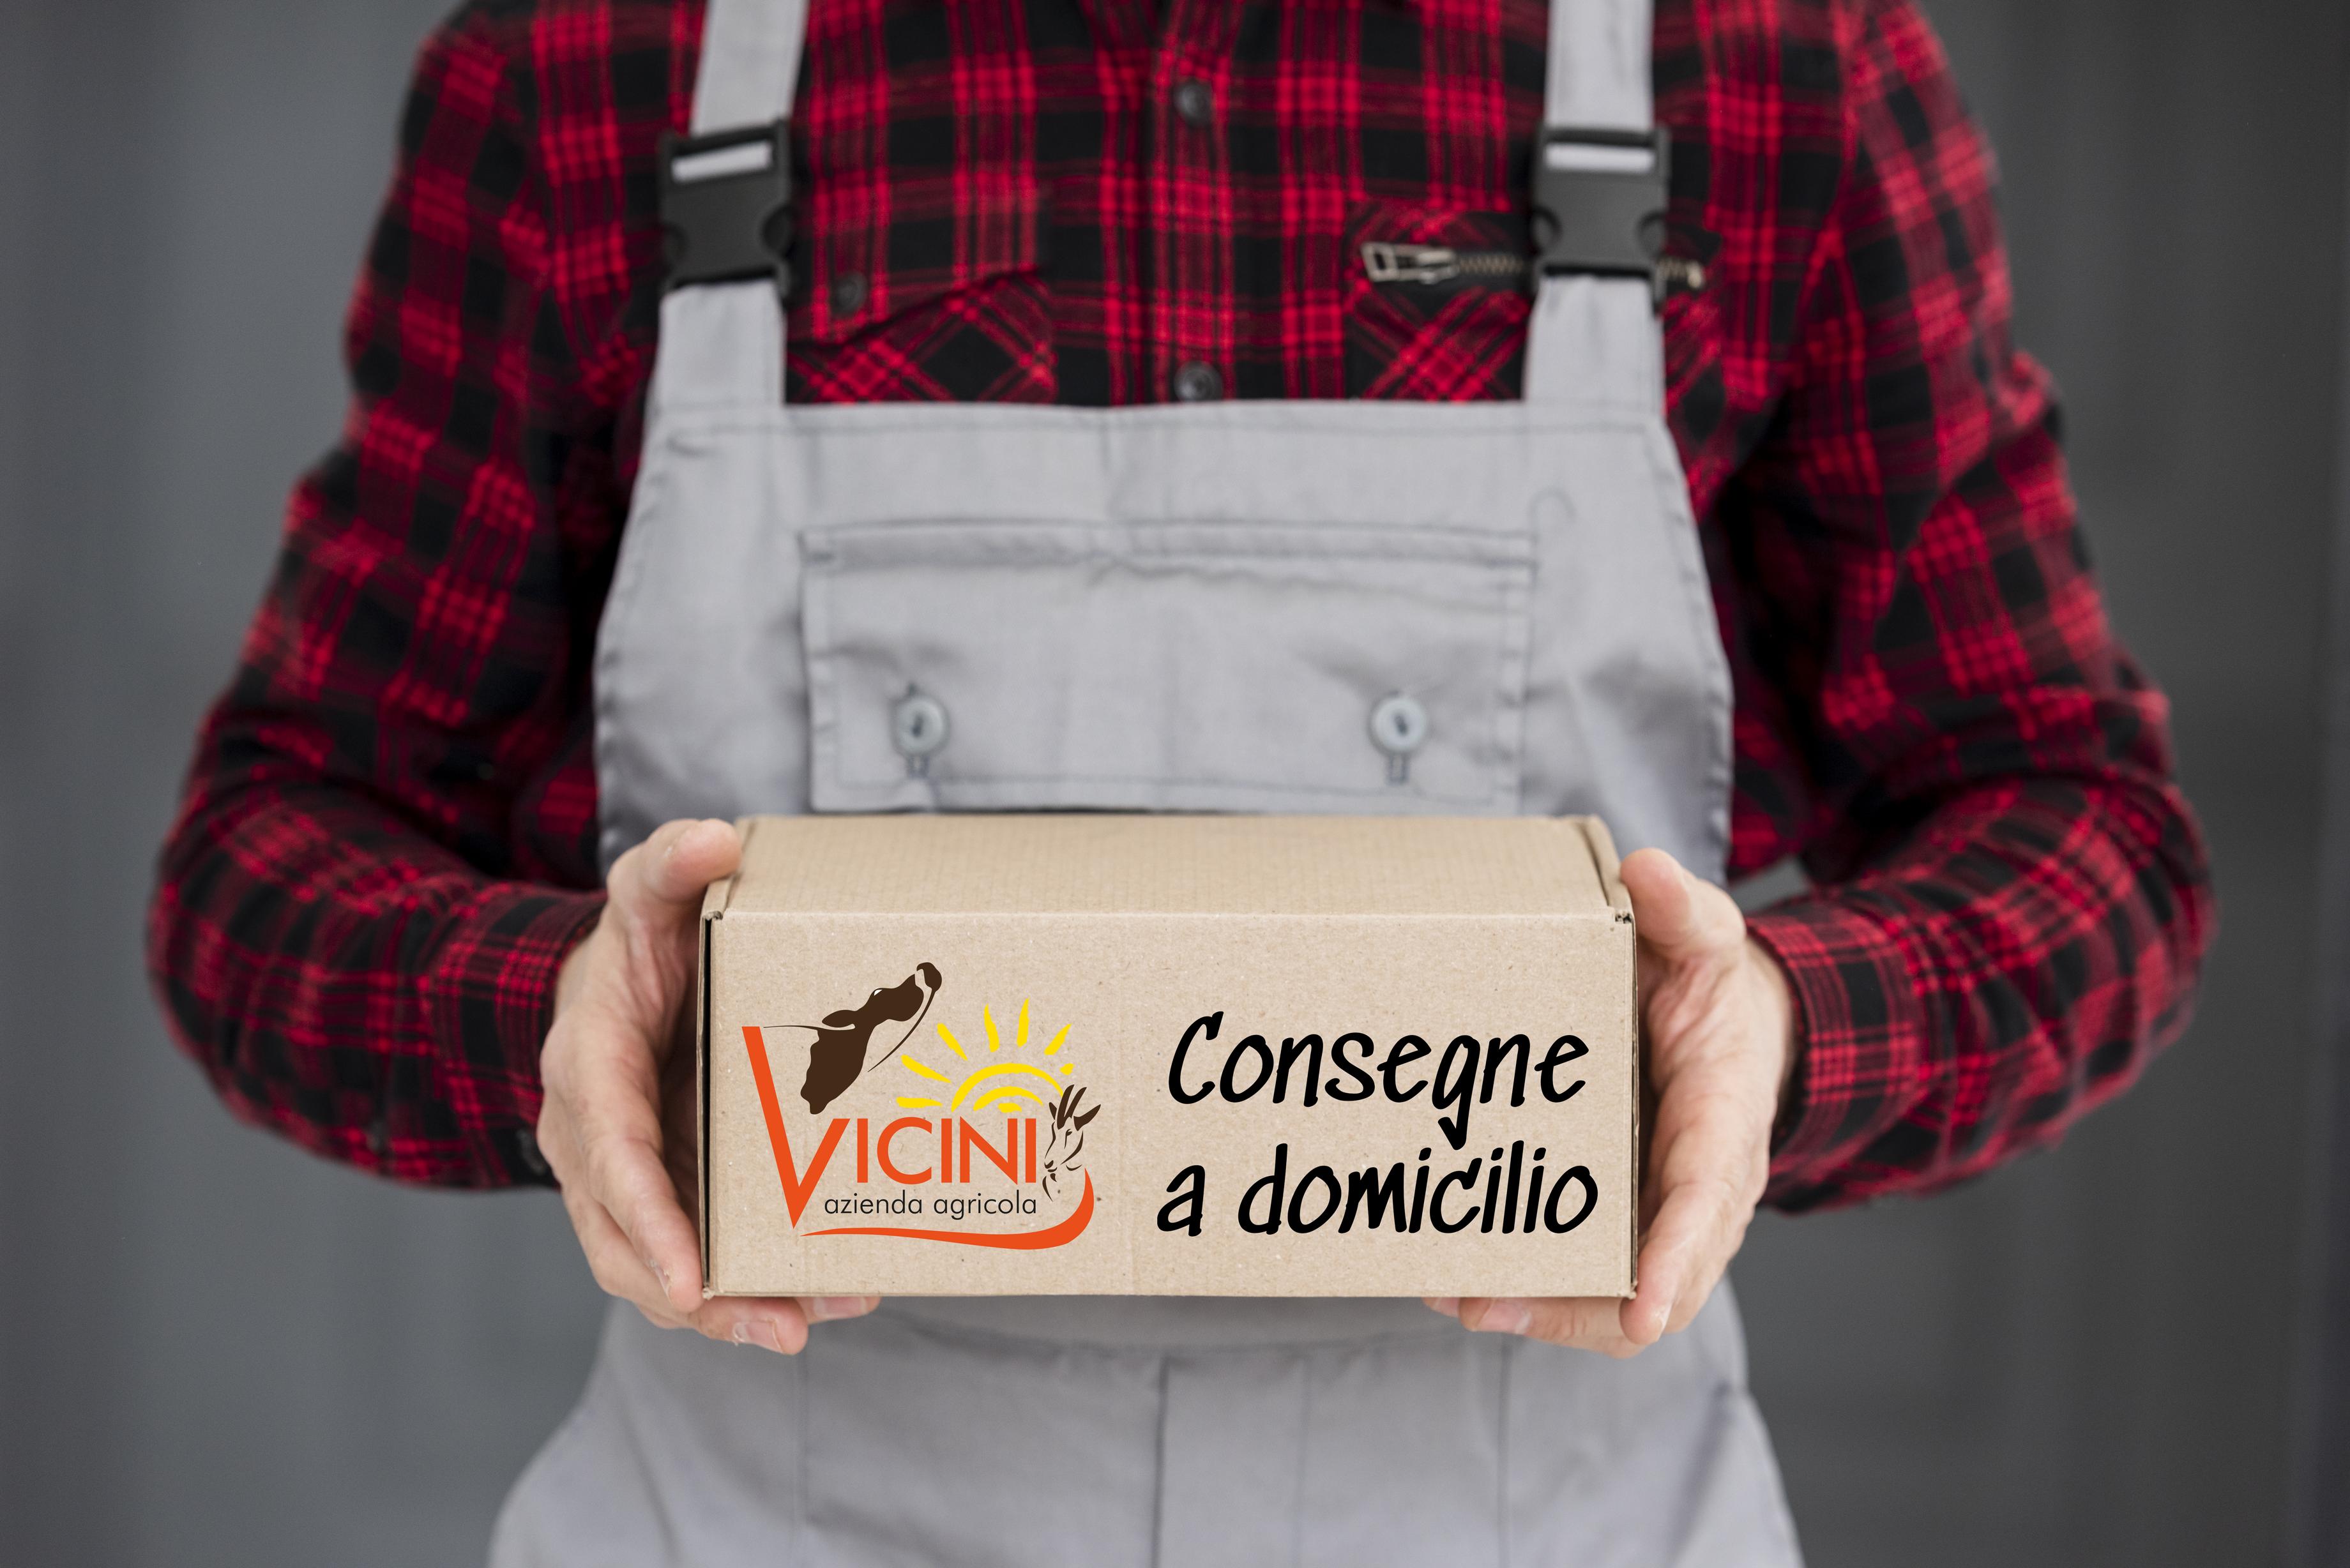 Vicini Azienda Agricola - Consegna a Domicilio